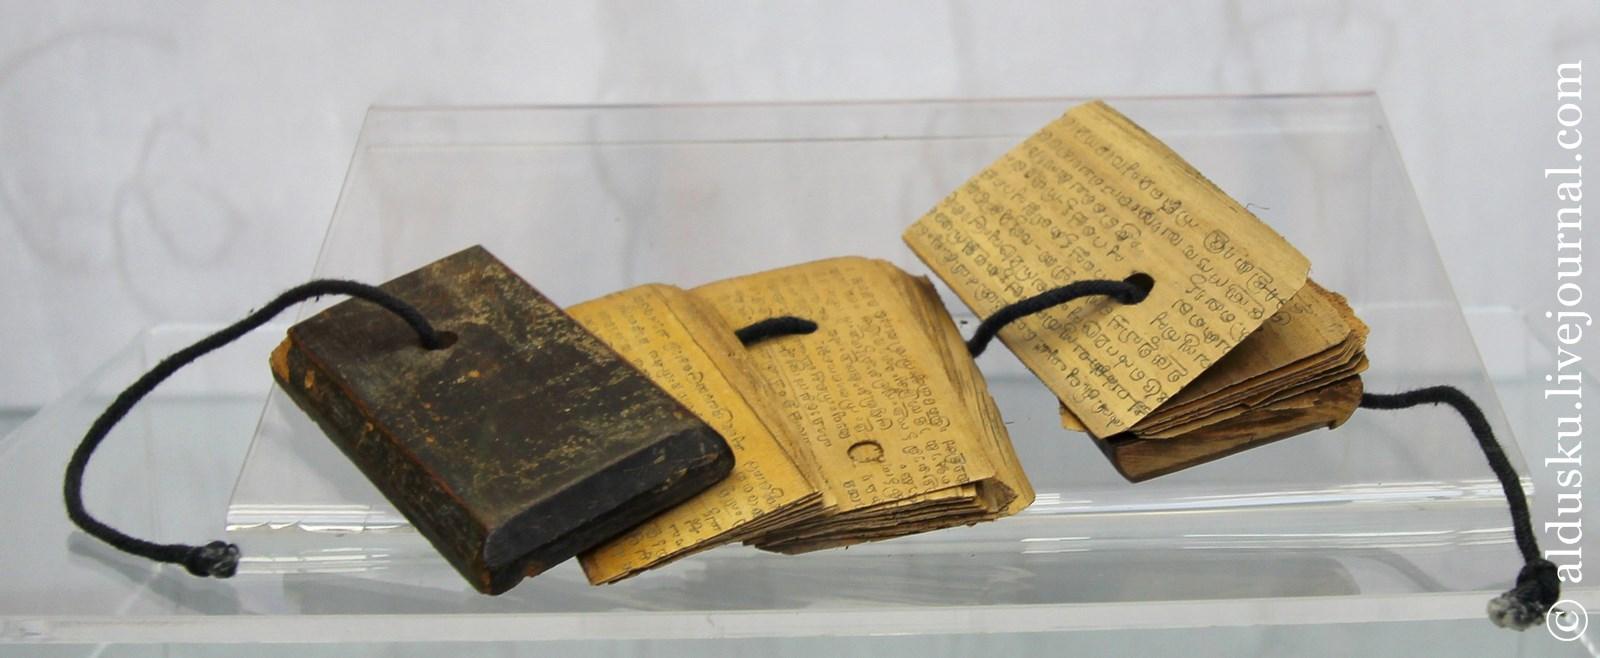 Рамаяна (древнеиндийский эпос на санскрите). Книга потхи на пальмовых листах. 19 в.